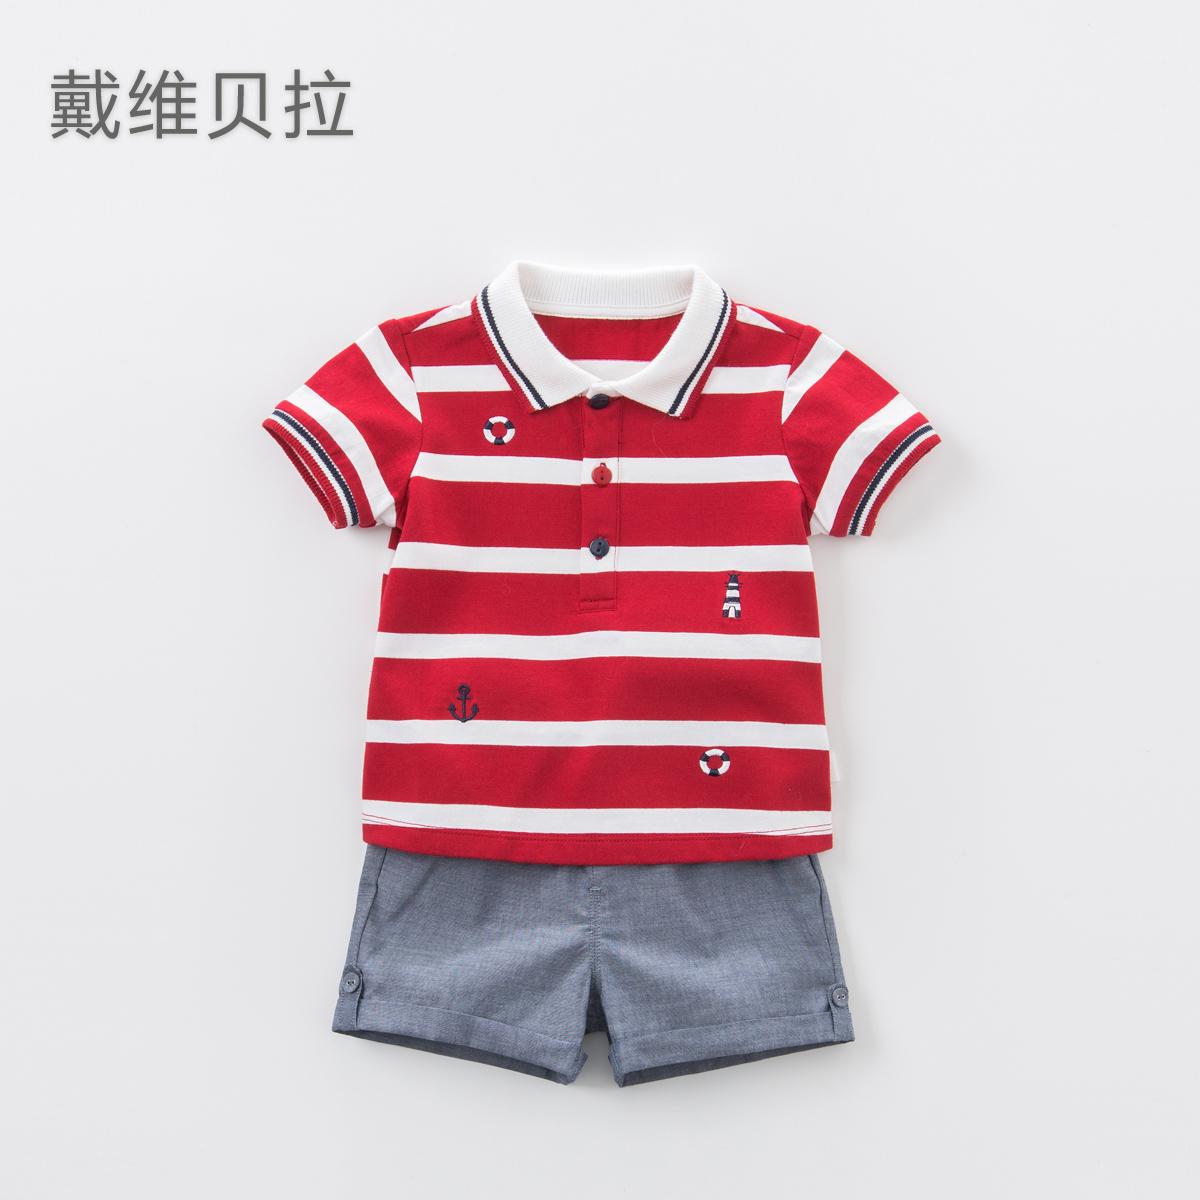 戴维贝拉davebella男童夏装2018新款红白条纹翻领T恤短裤两件套装